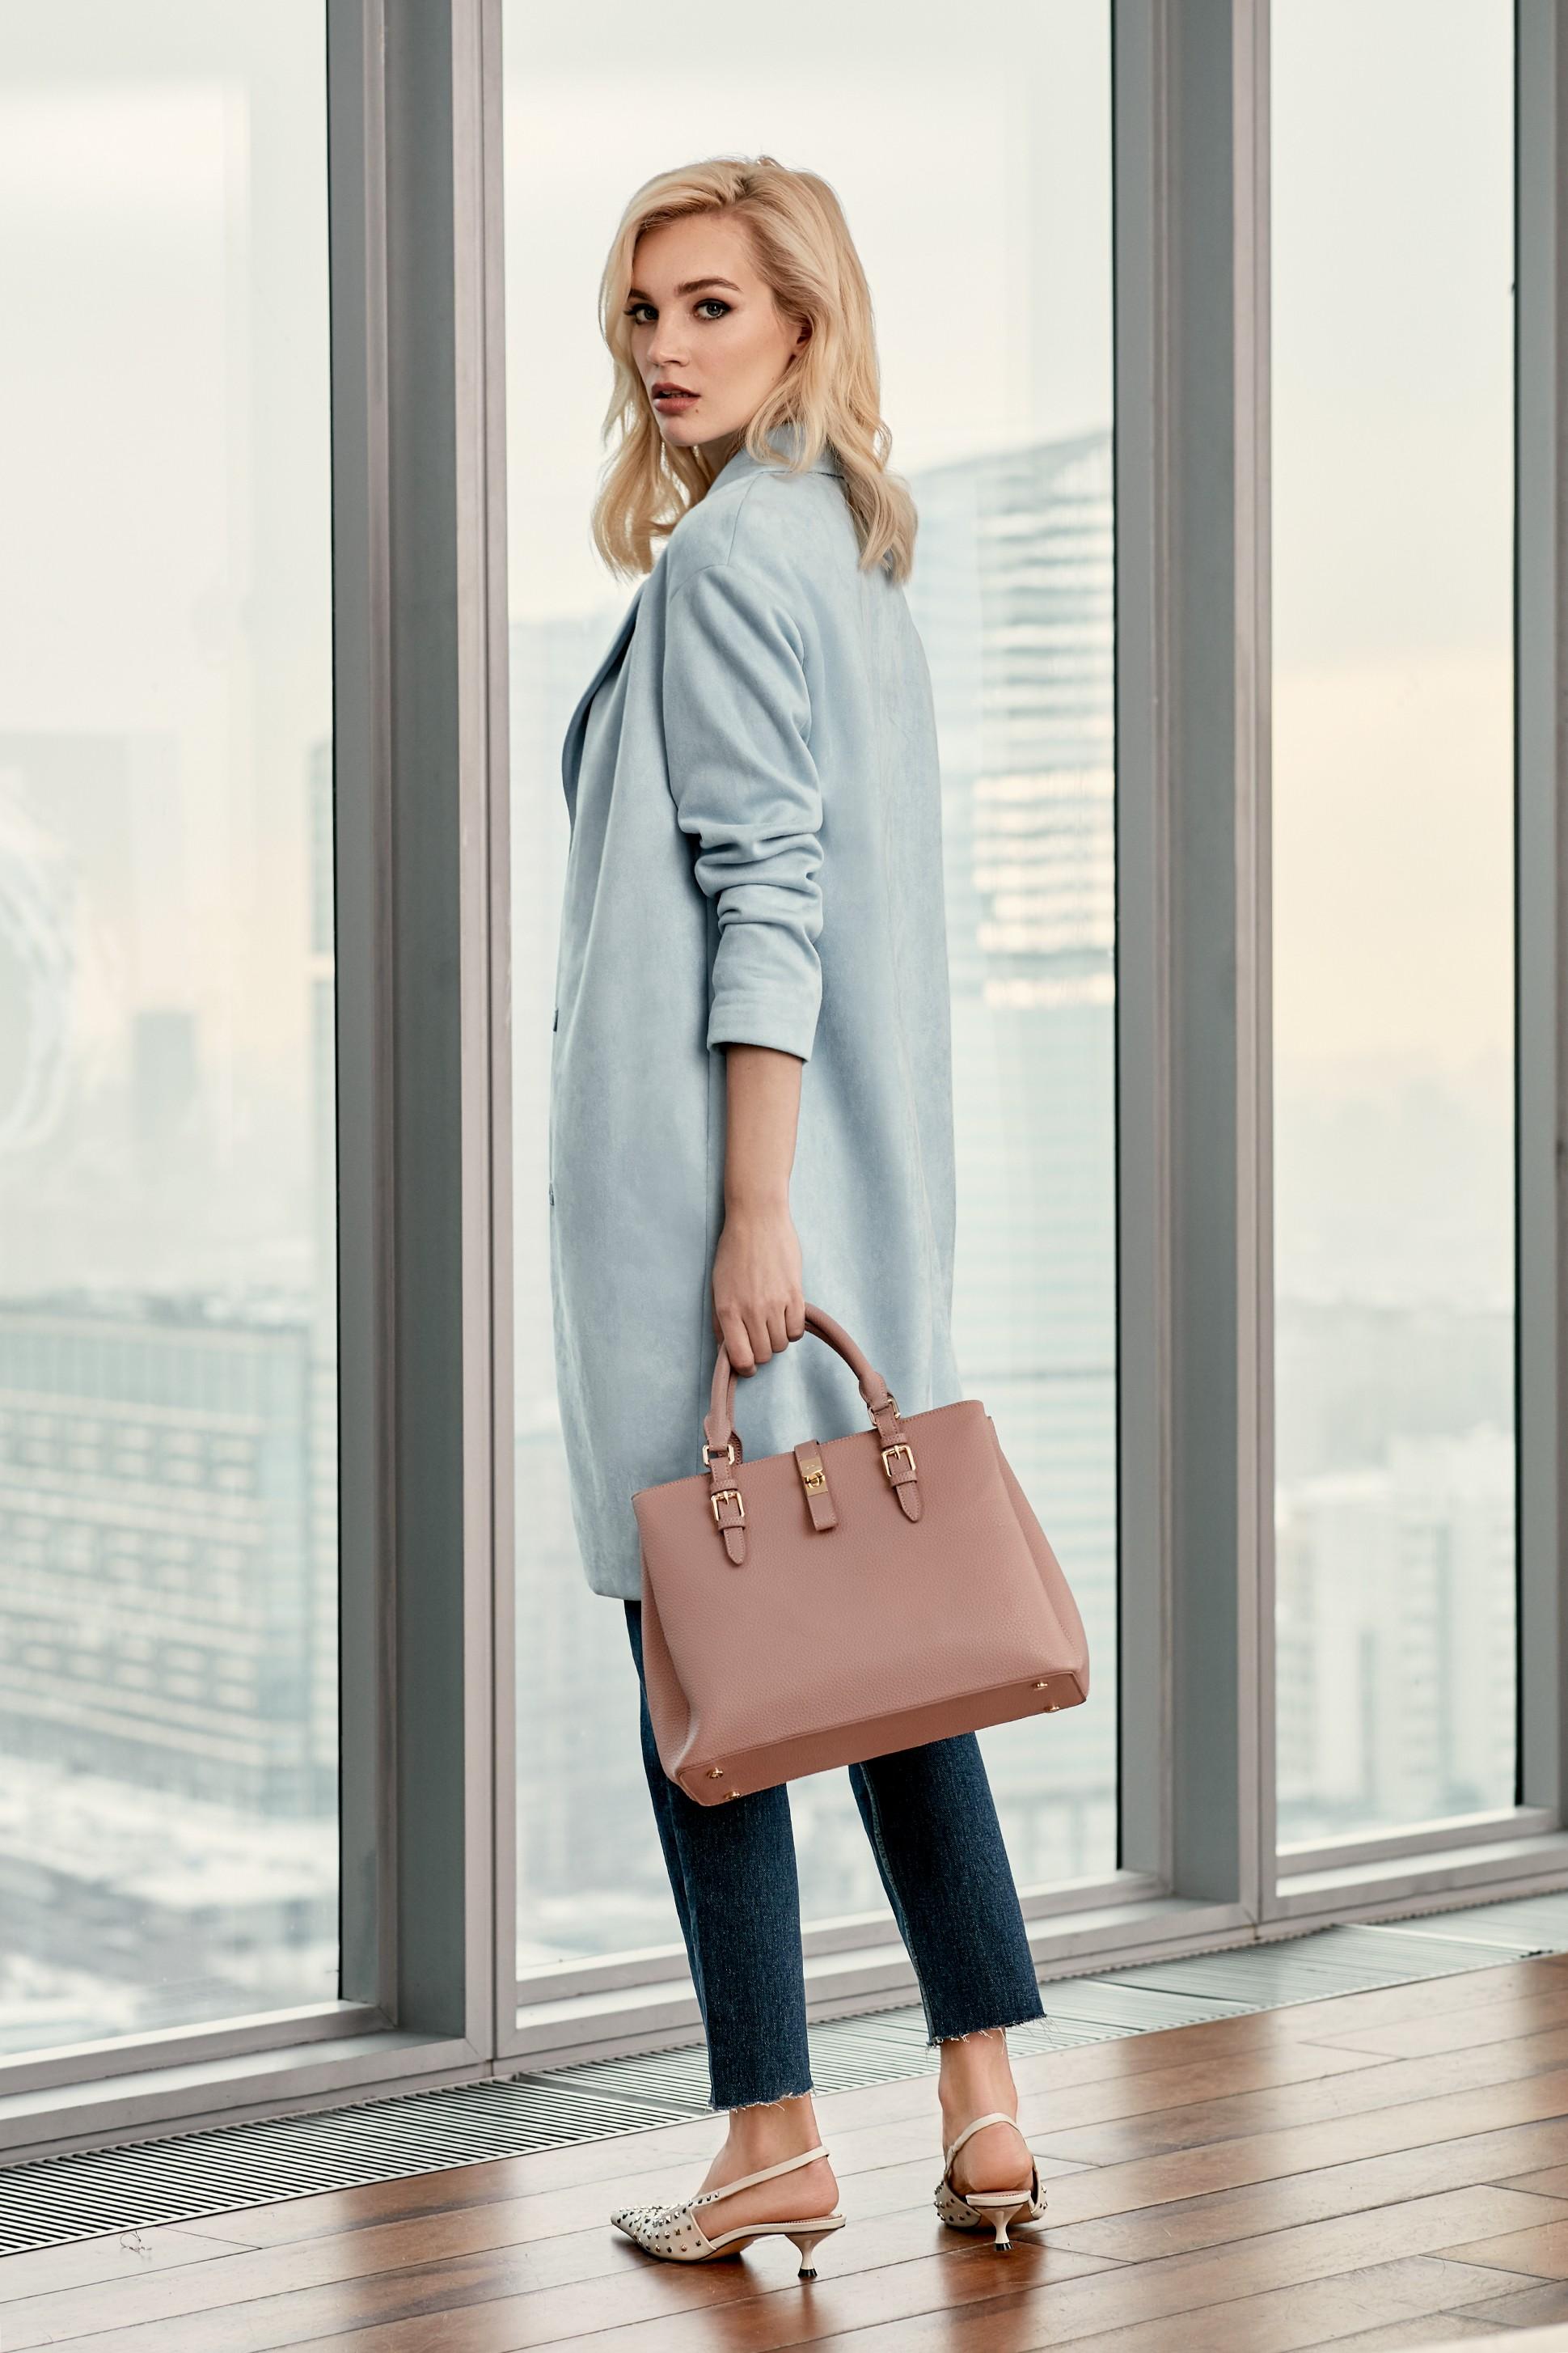 4dc839745d44 сумка женская 914020013-92 - купить в интернет-магазине LOVE ...